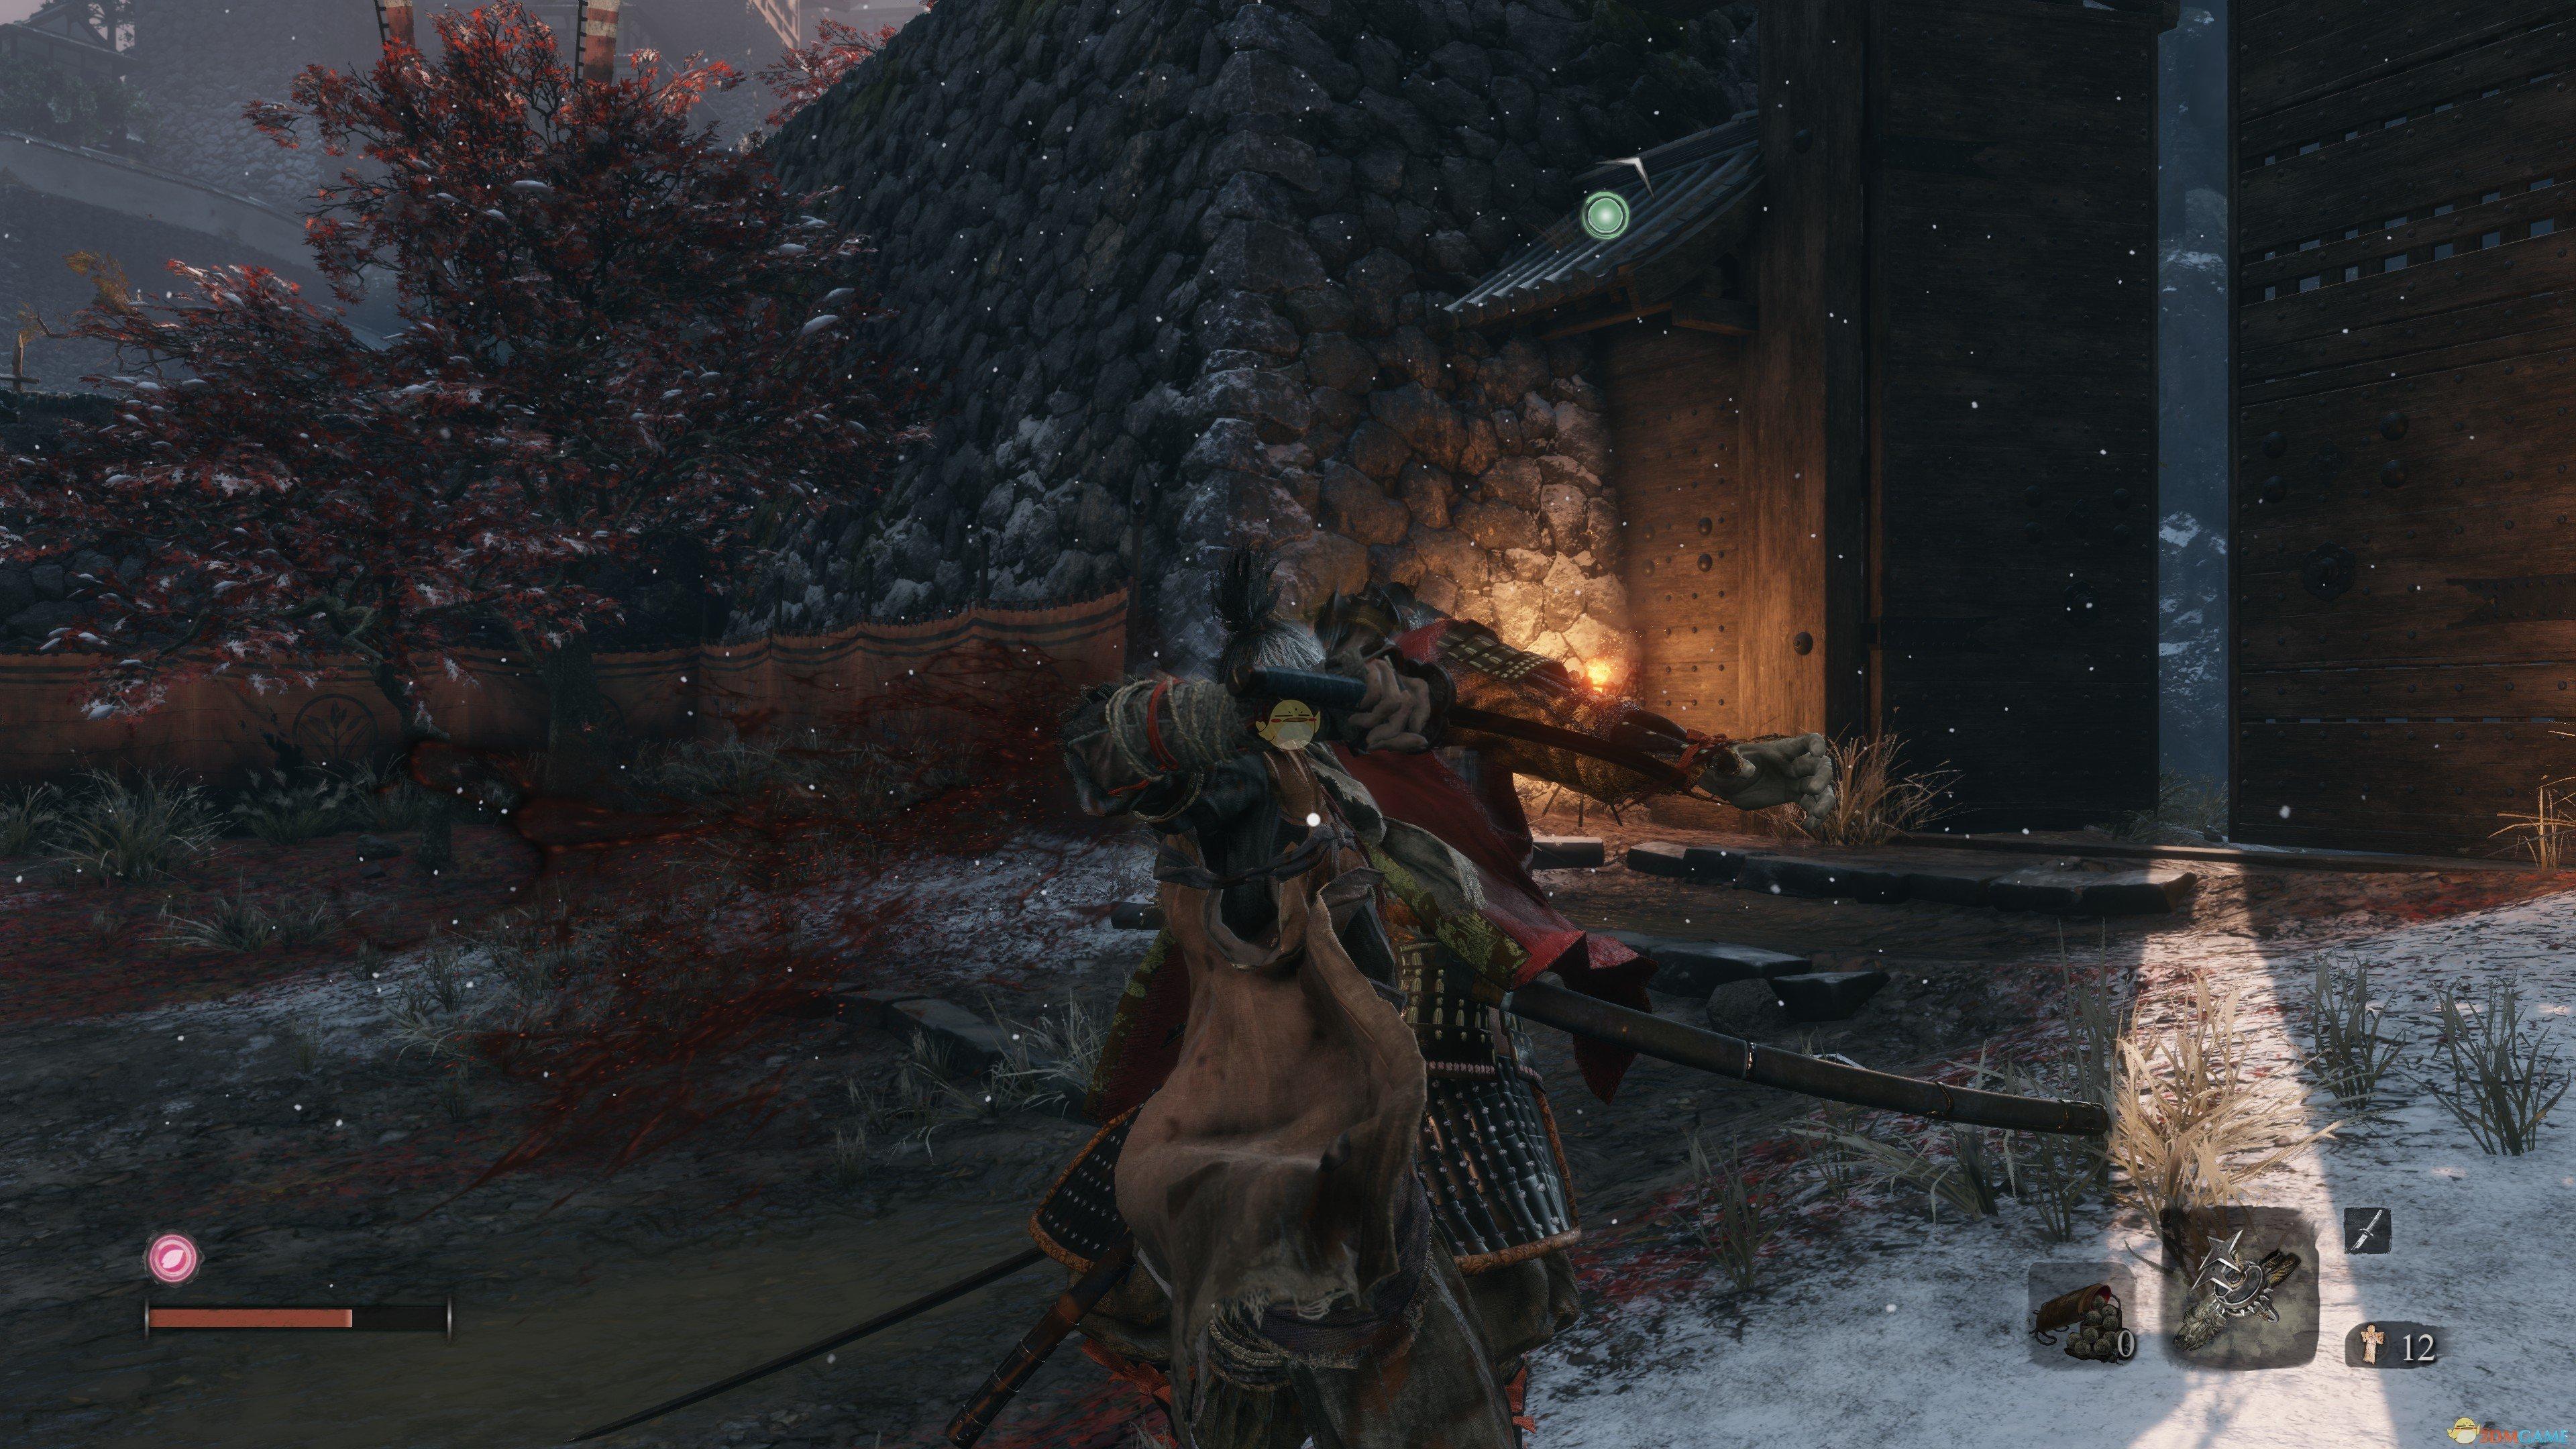 《只狼:影逝二度》山内典膳打法攻略